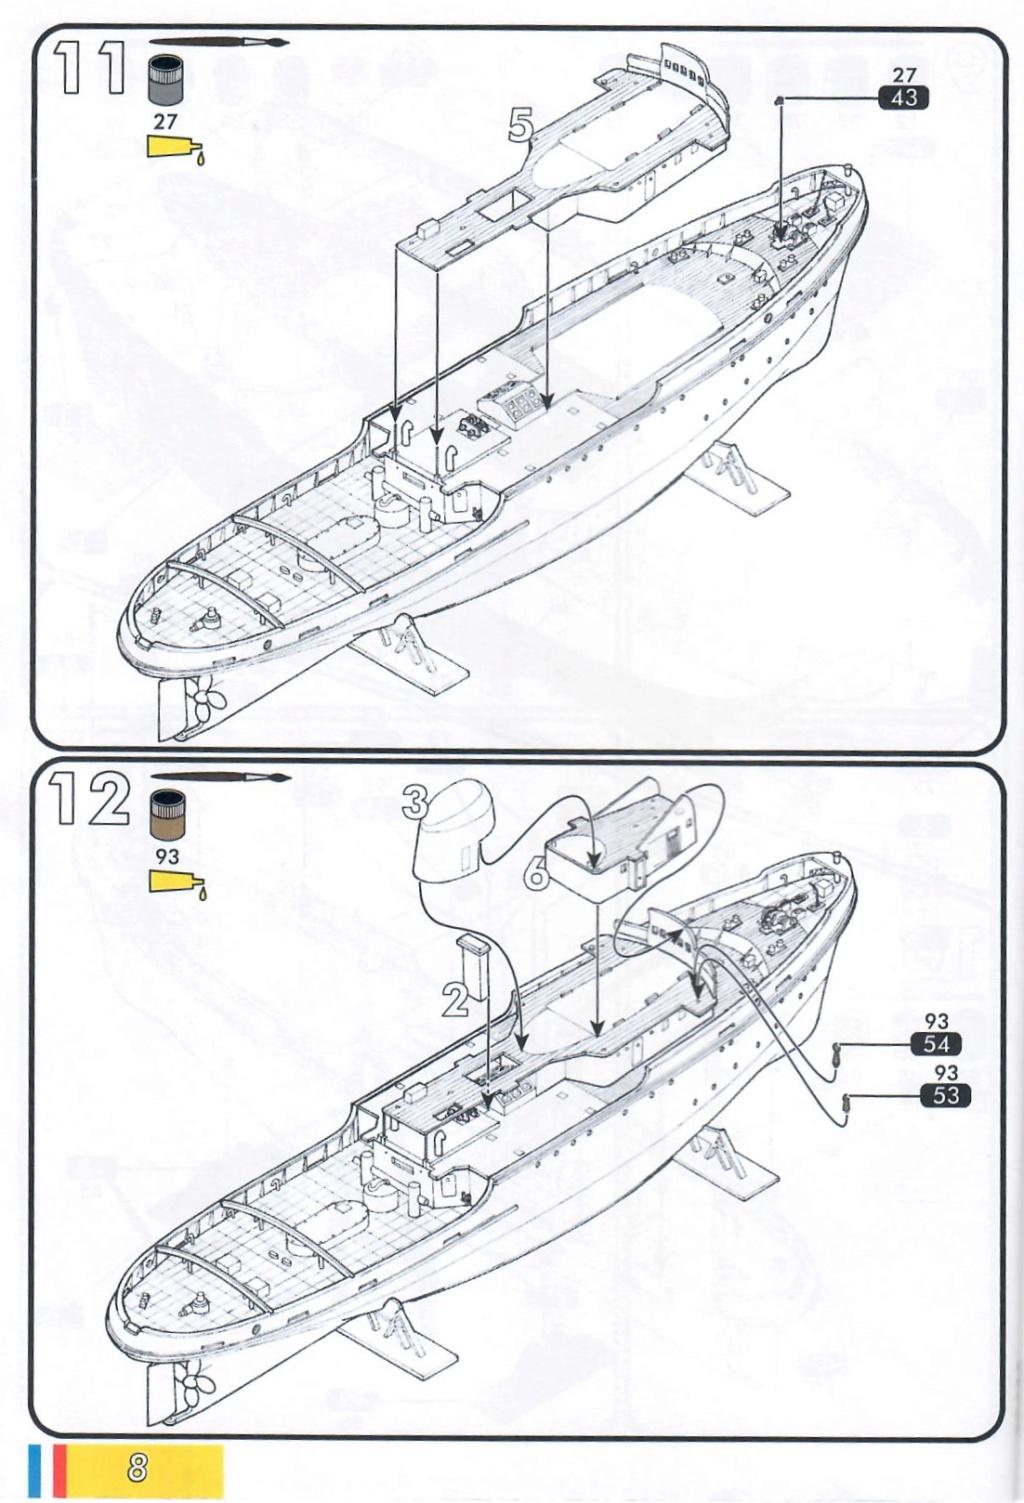 Remorqueur JEAN BART port d attache boks01 1/200ème Réf 80602 Notice25